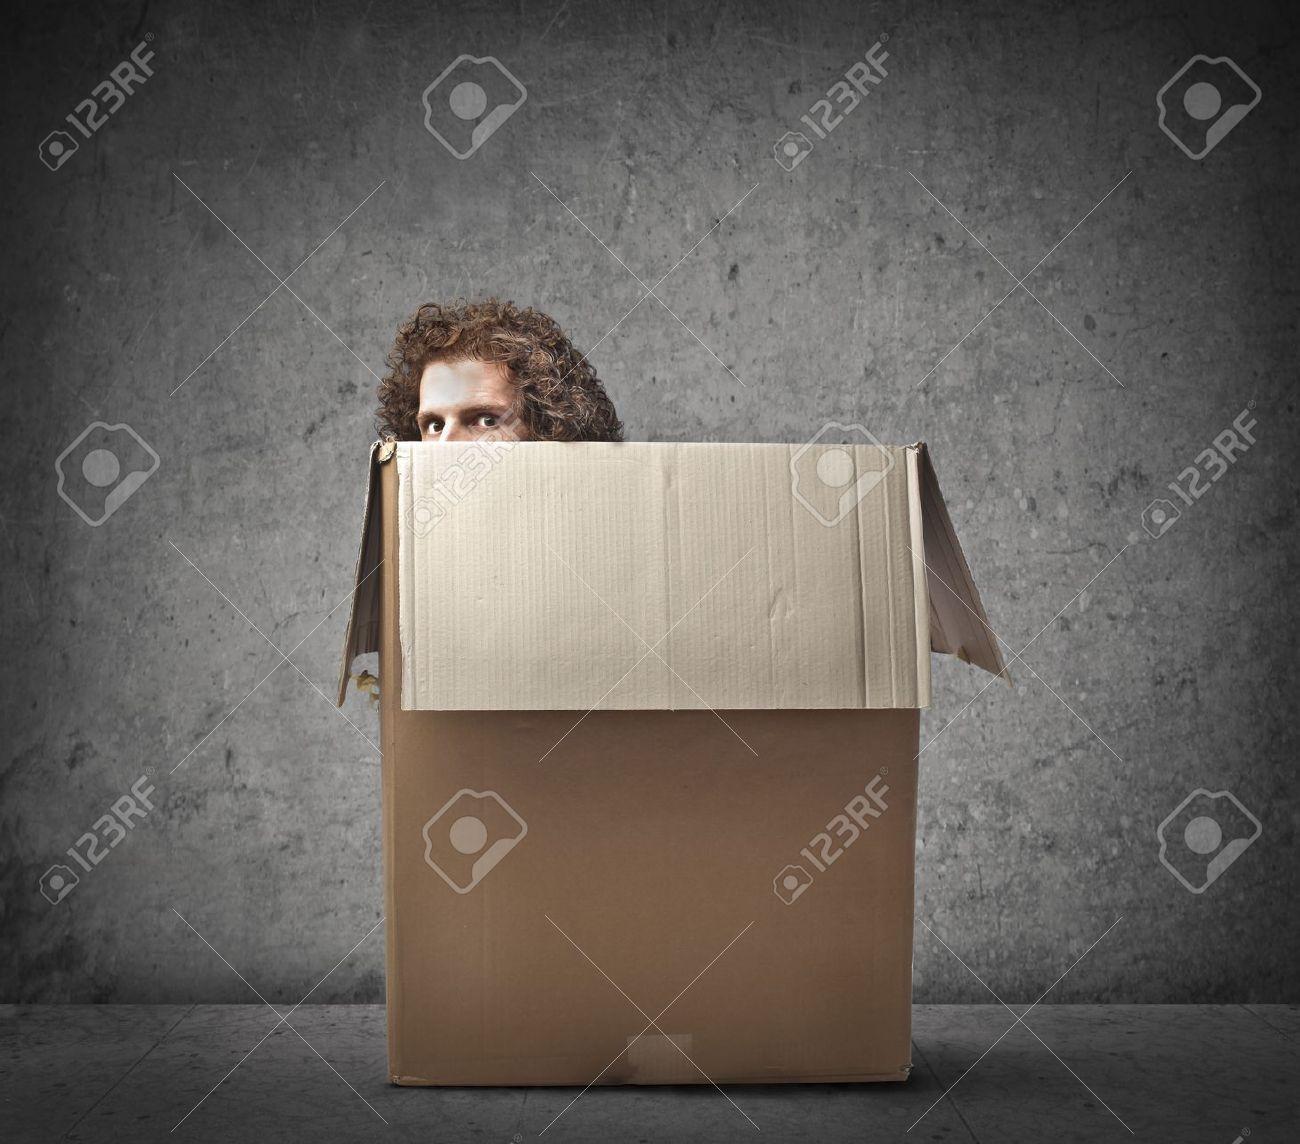 Man hiding behind a box - 15662596